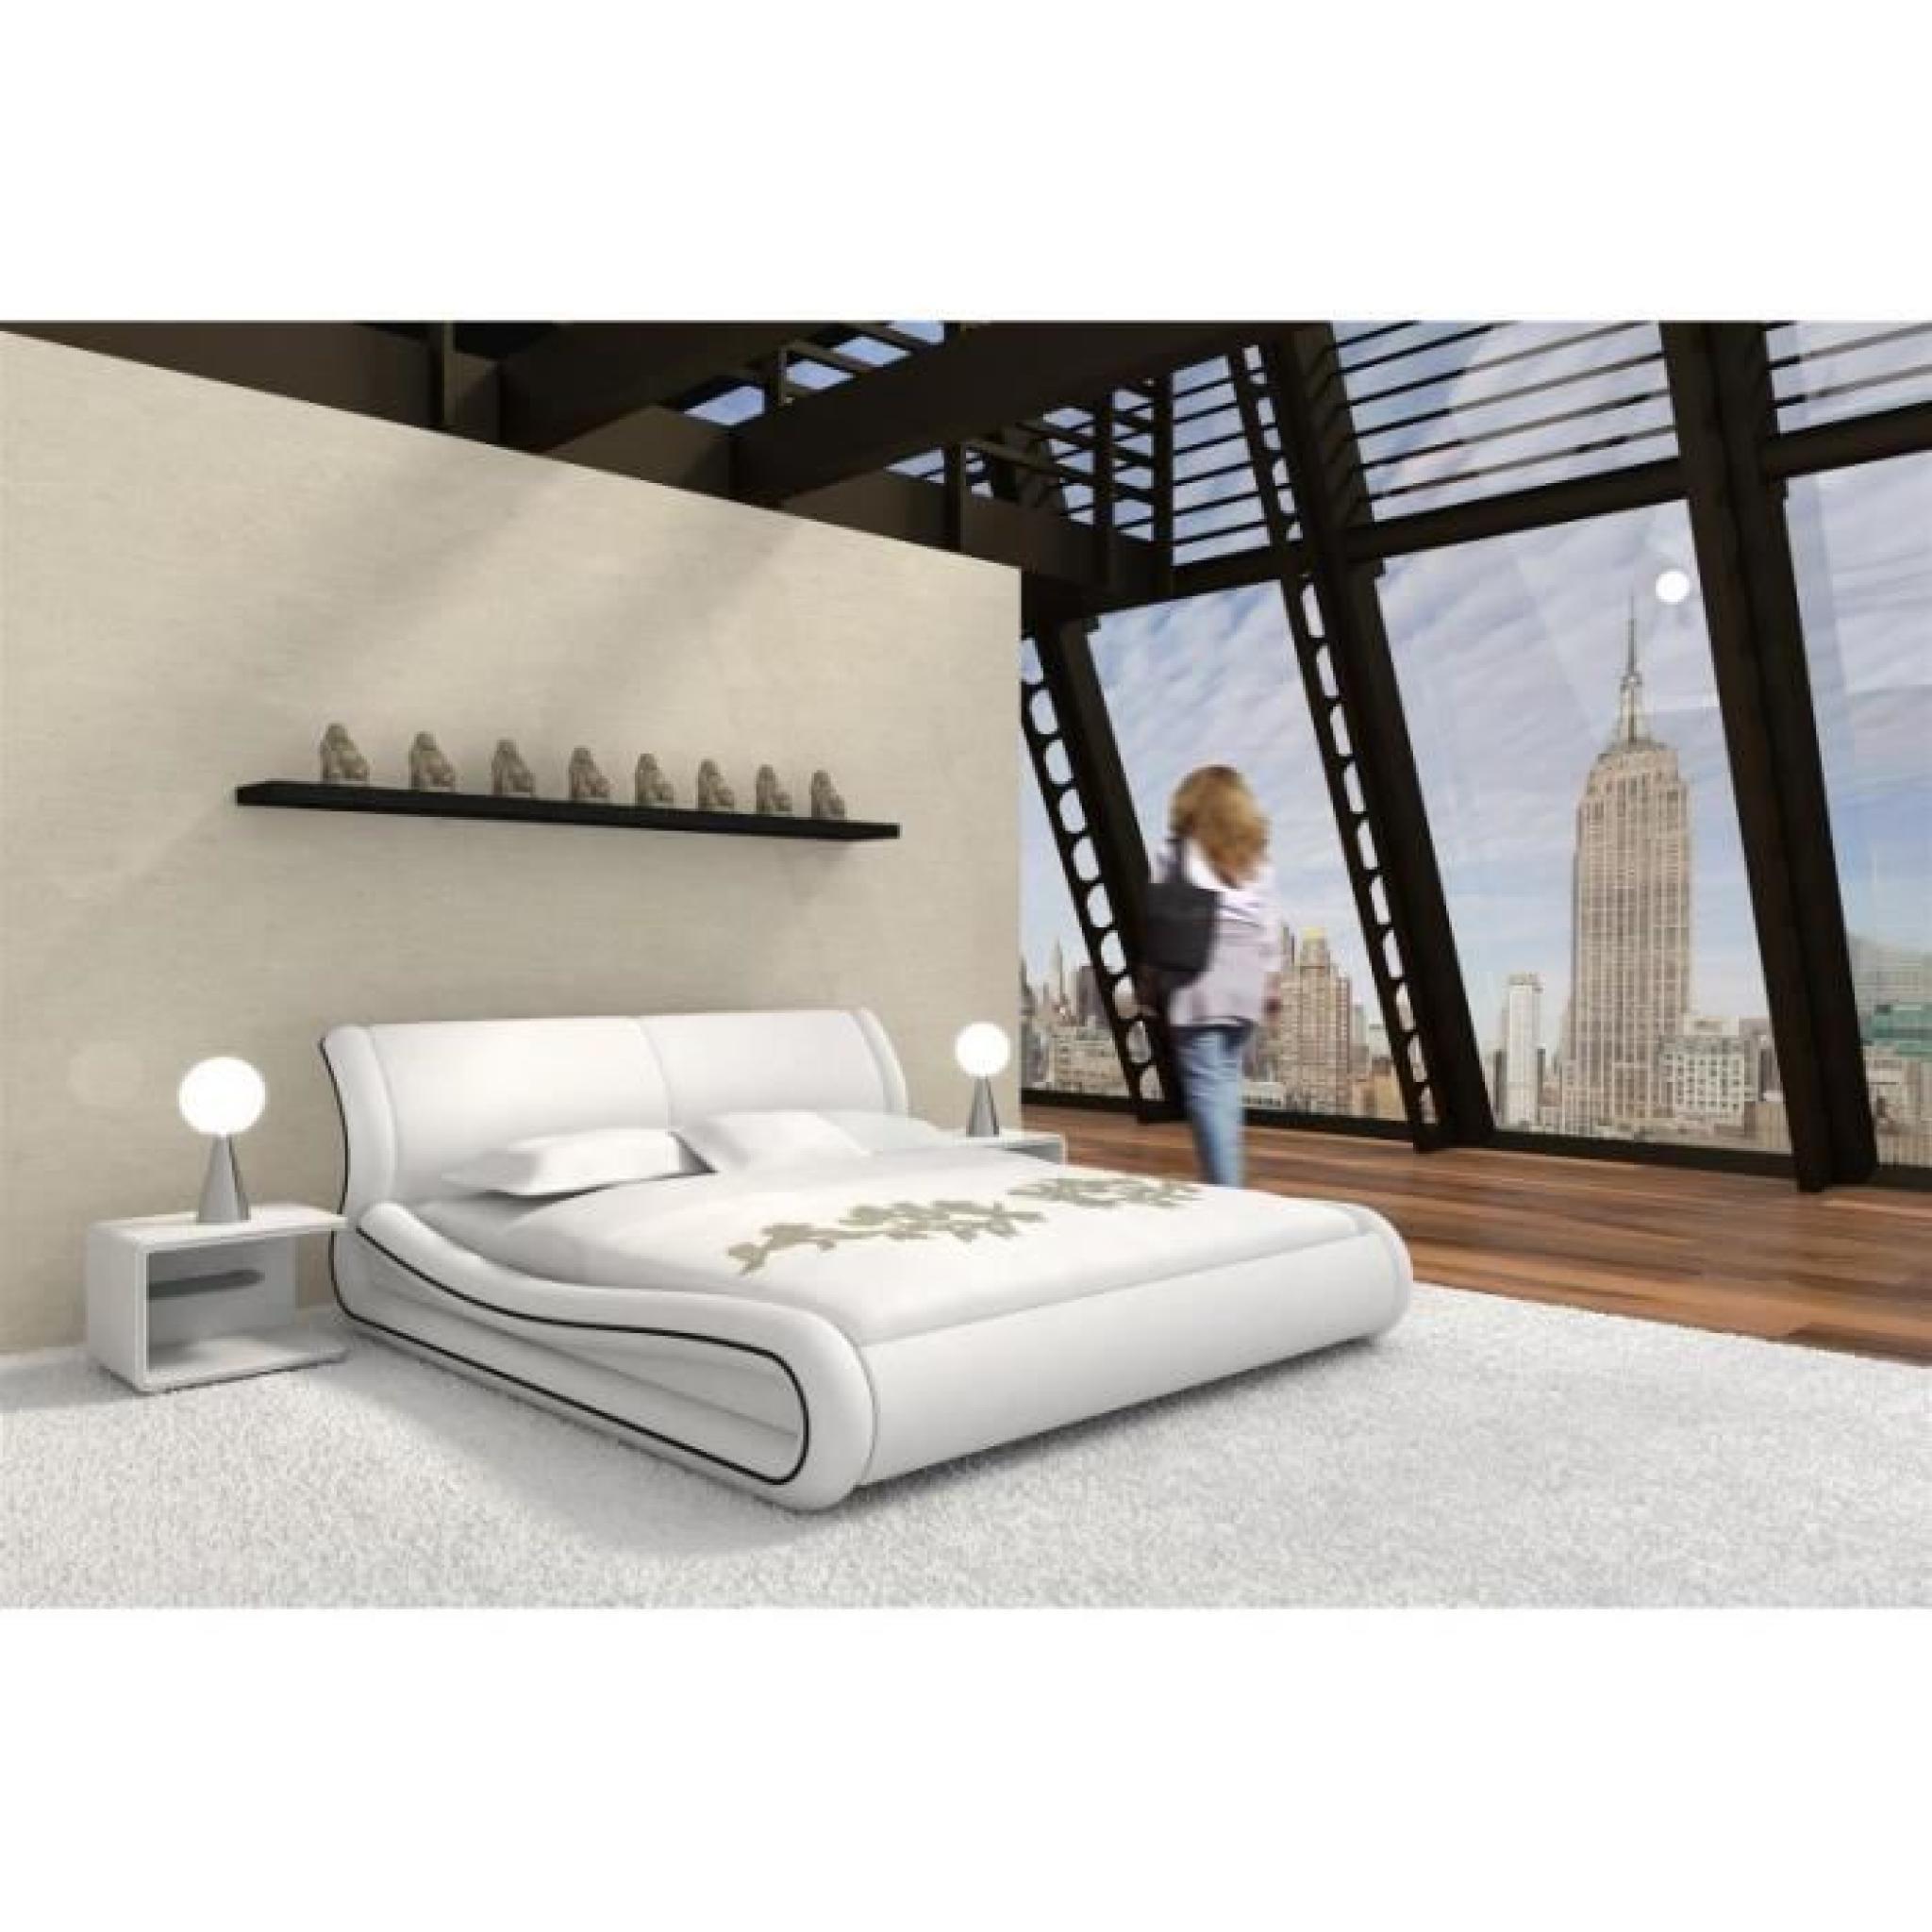 justhome clip blanc lit rembourr en cuir cologique taille 160 x 200 cm achat vente lit pas. Black Bedroom Furniture Sets. Home Design Ideas